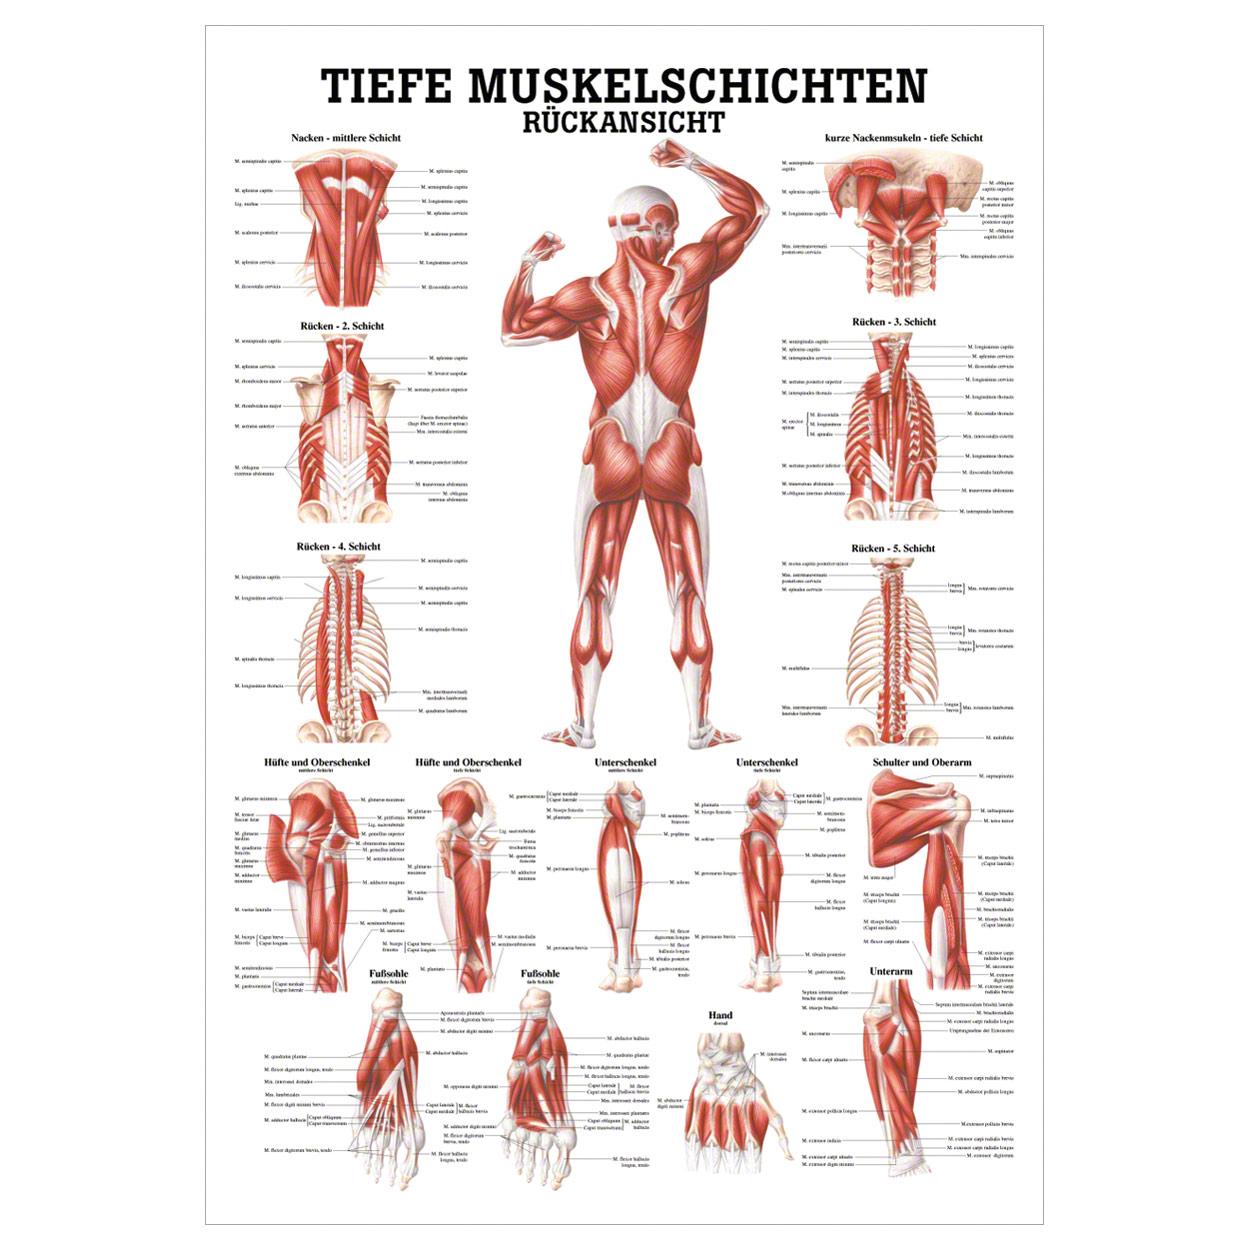 Fantastisch Nackenmuskelanatomie Zeitgenössisch - Anatomie Ideen ...